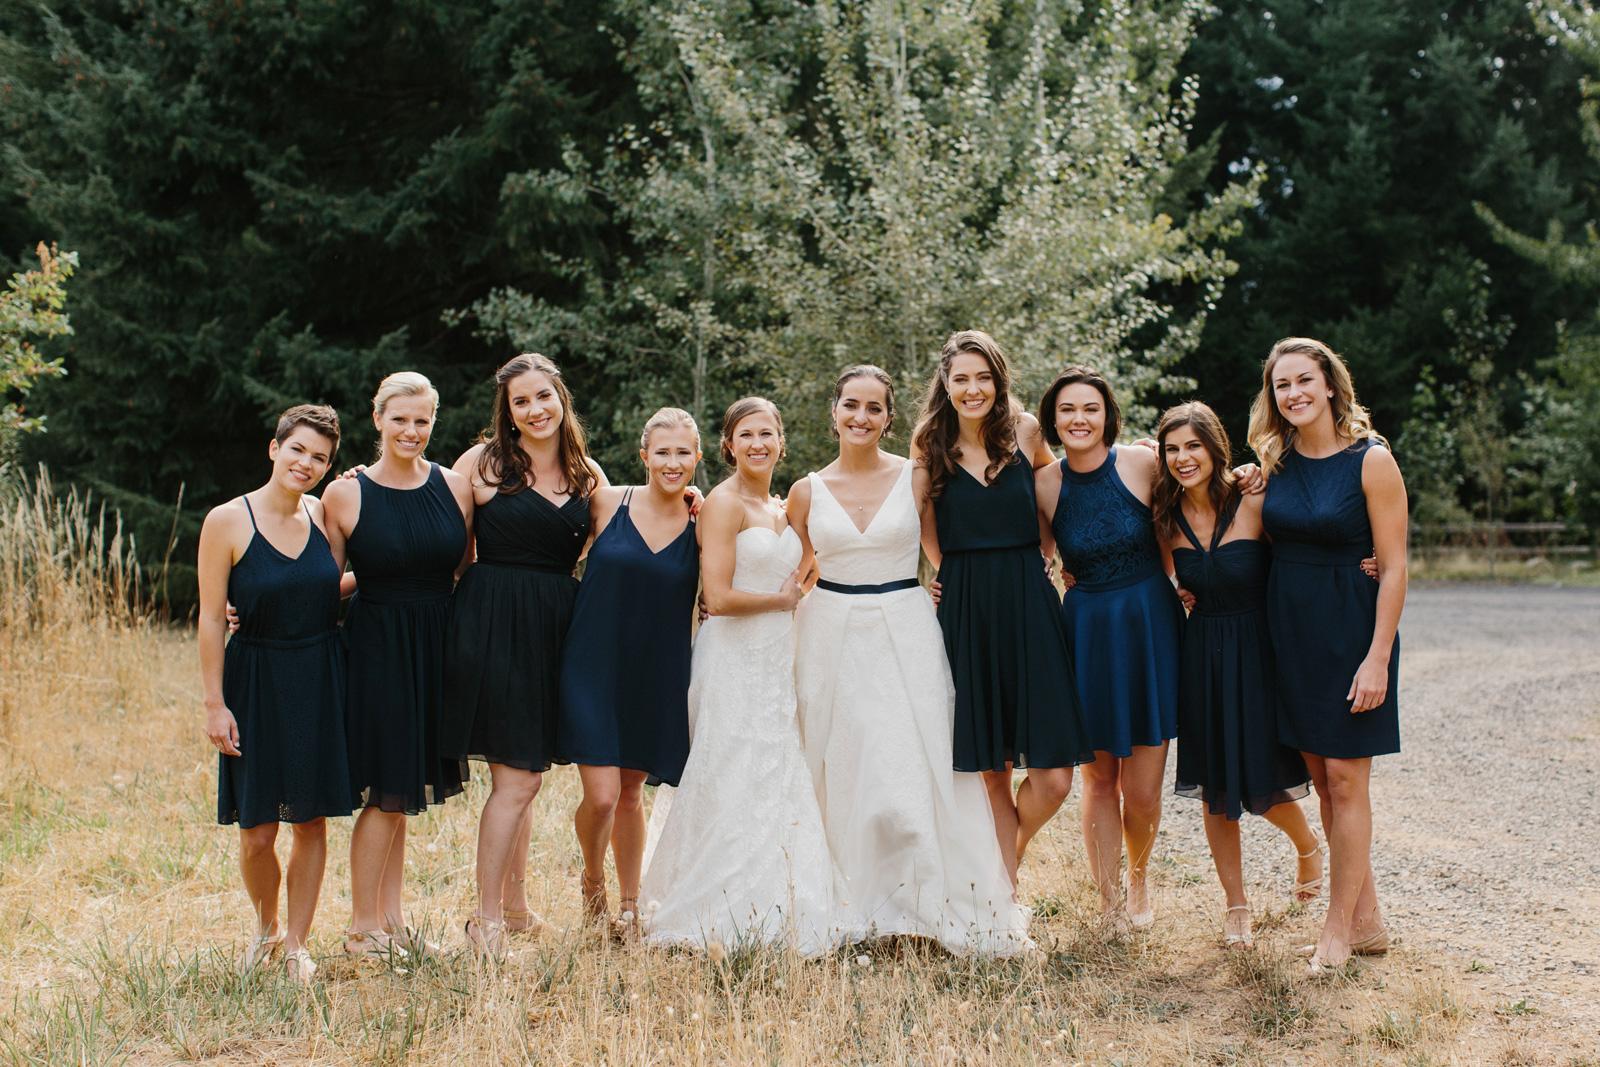 Gorge-Crest-Vineyards-Wedding_037-1.jpg